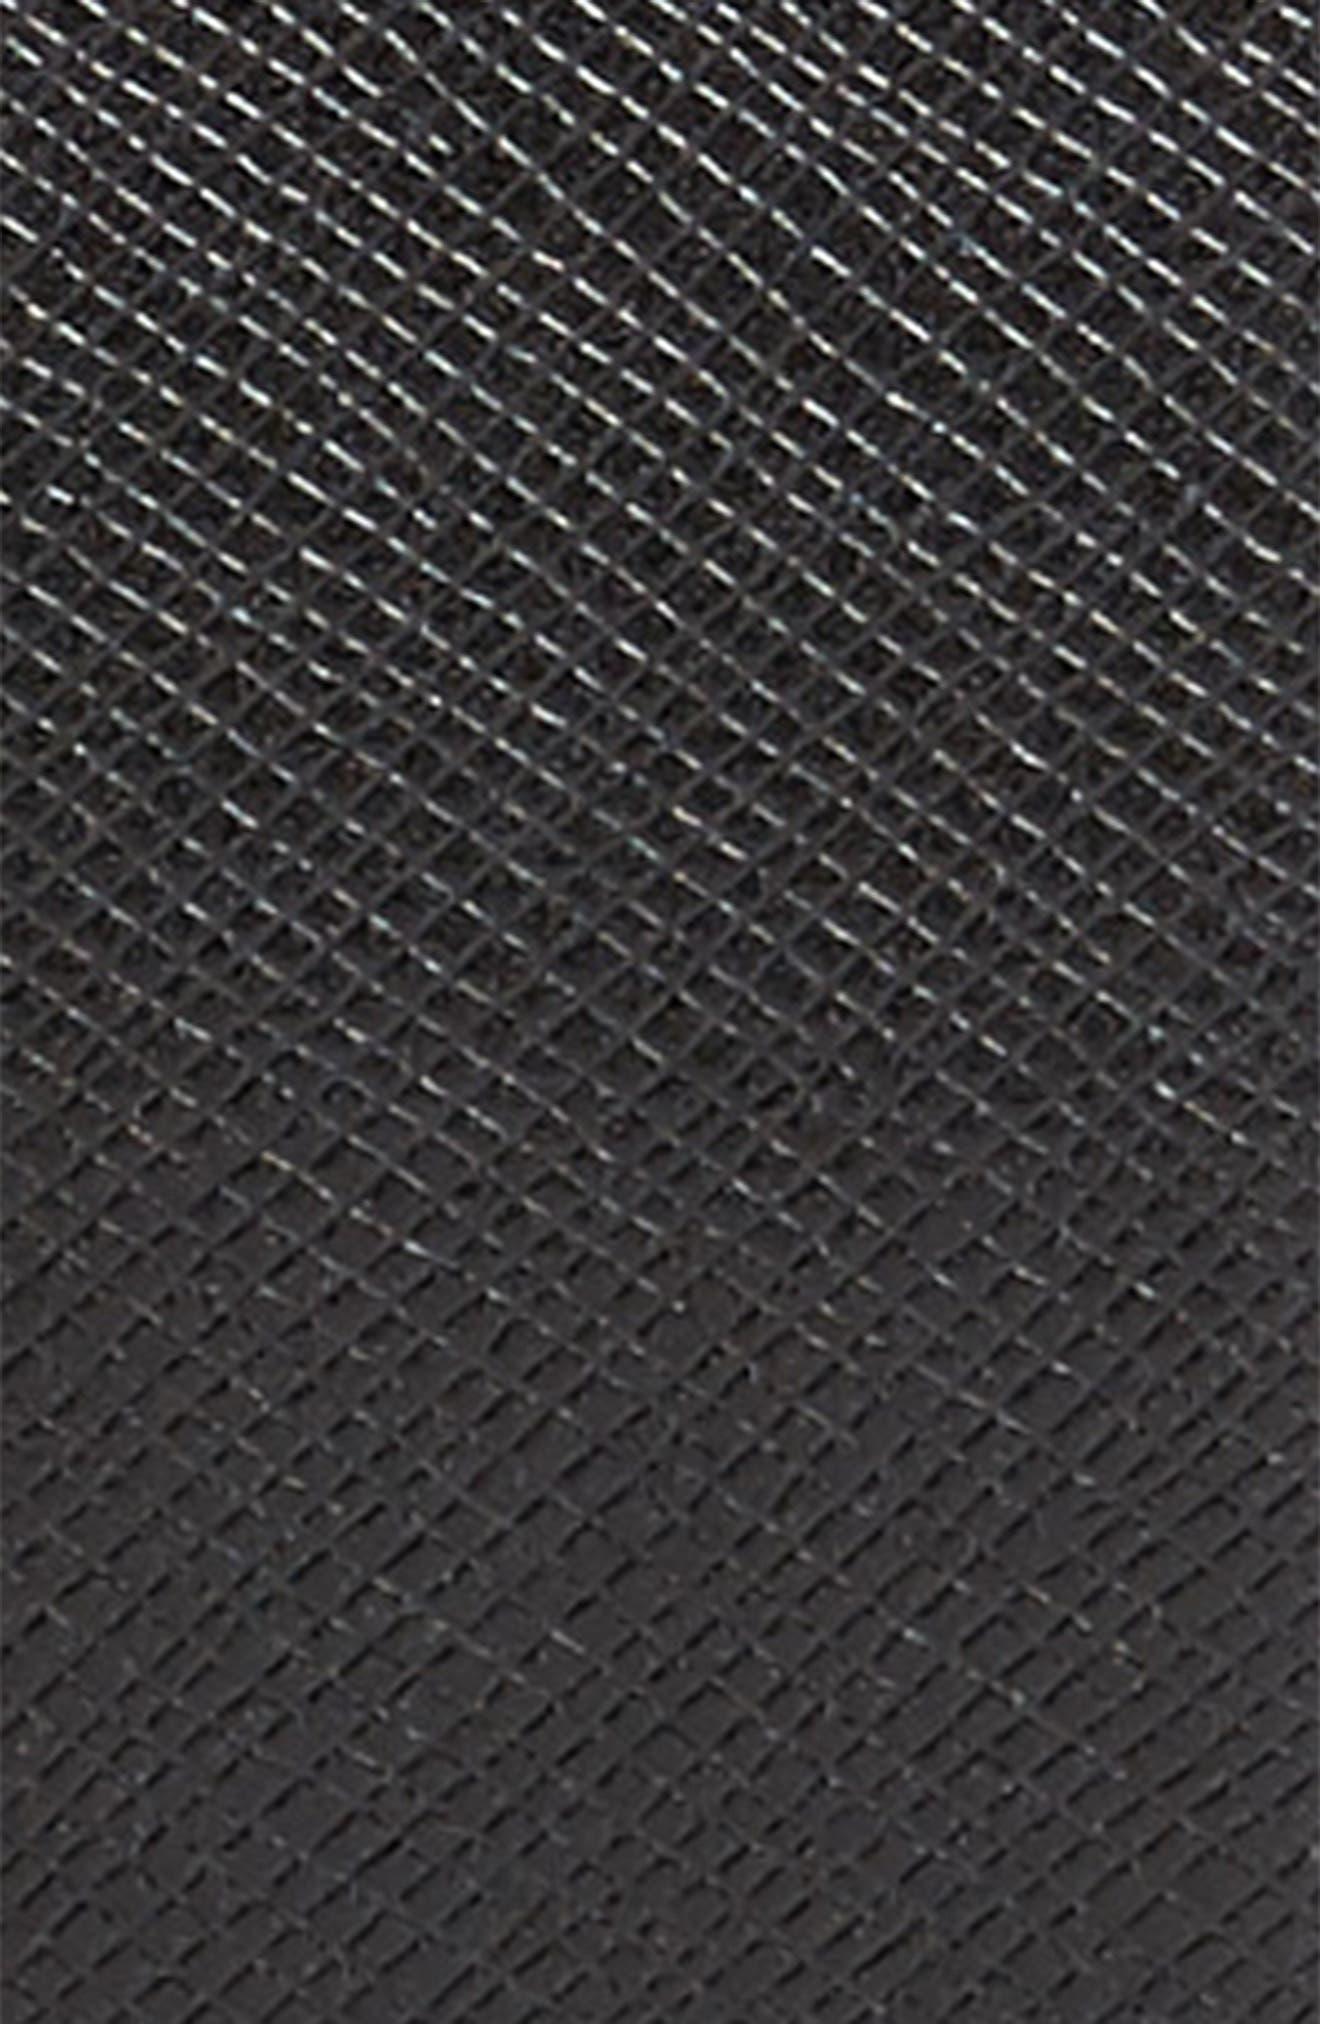 Celie Saffiano Leather Belt,                             Alternate thumbnail 2, color,                             Black